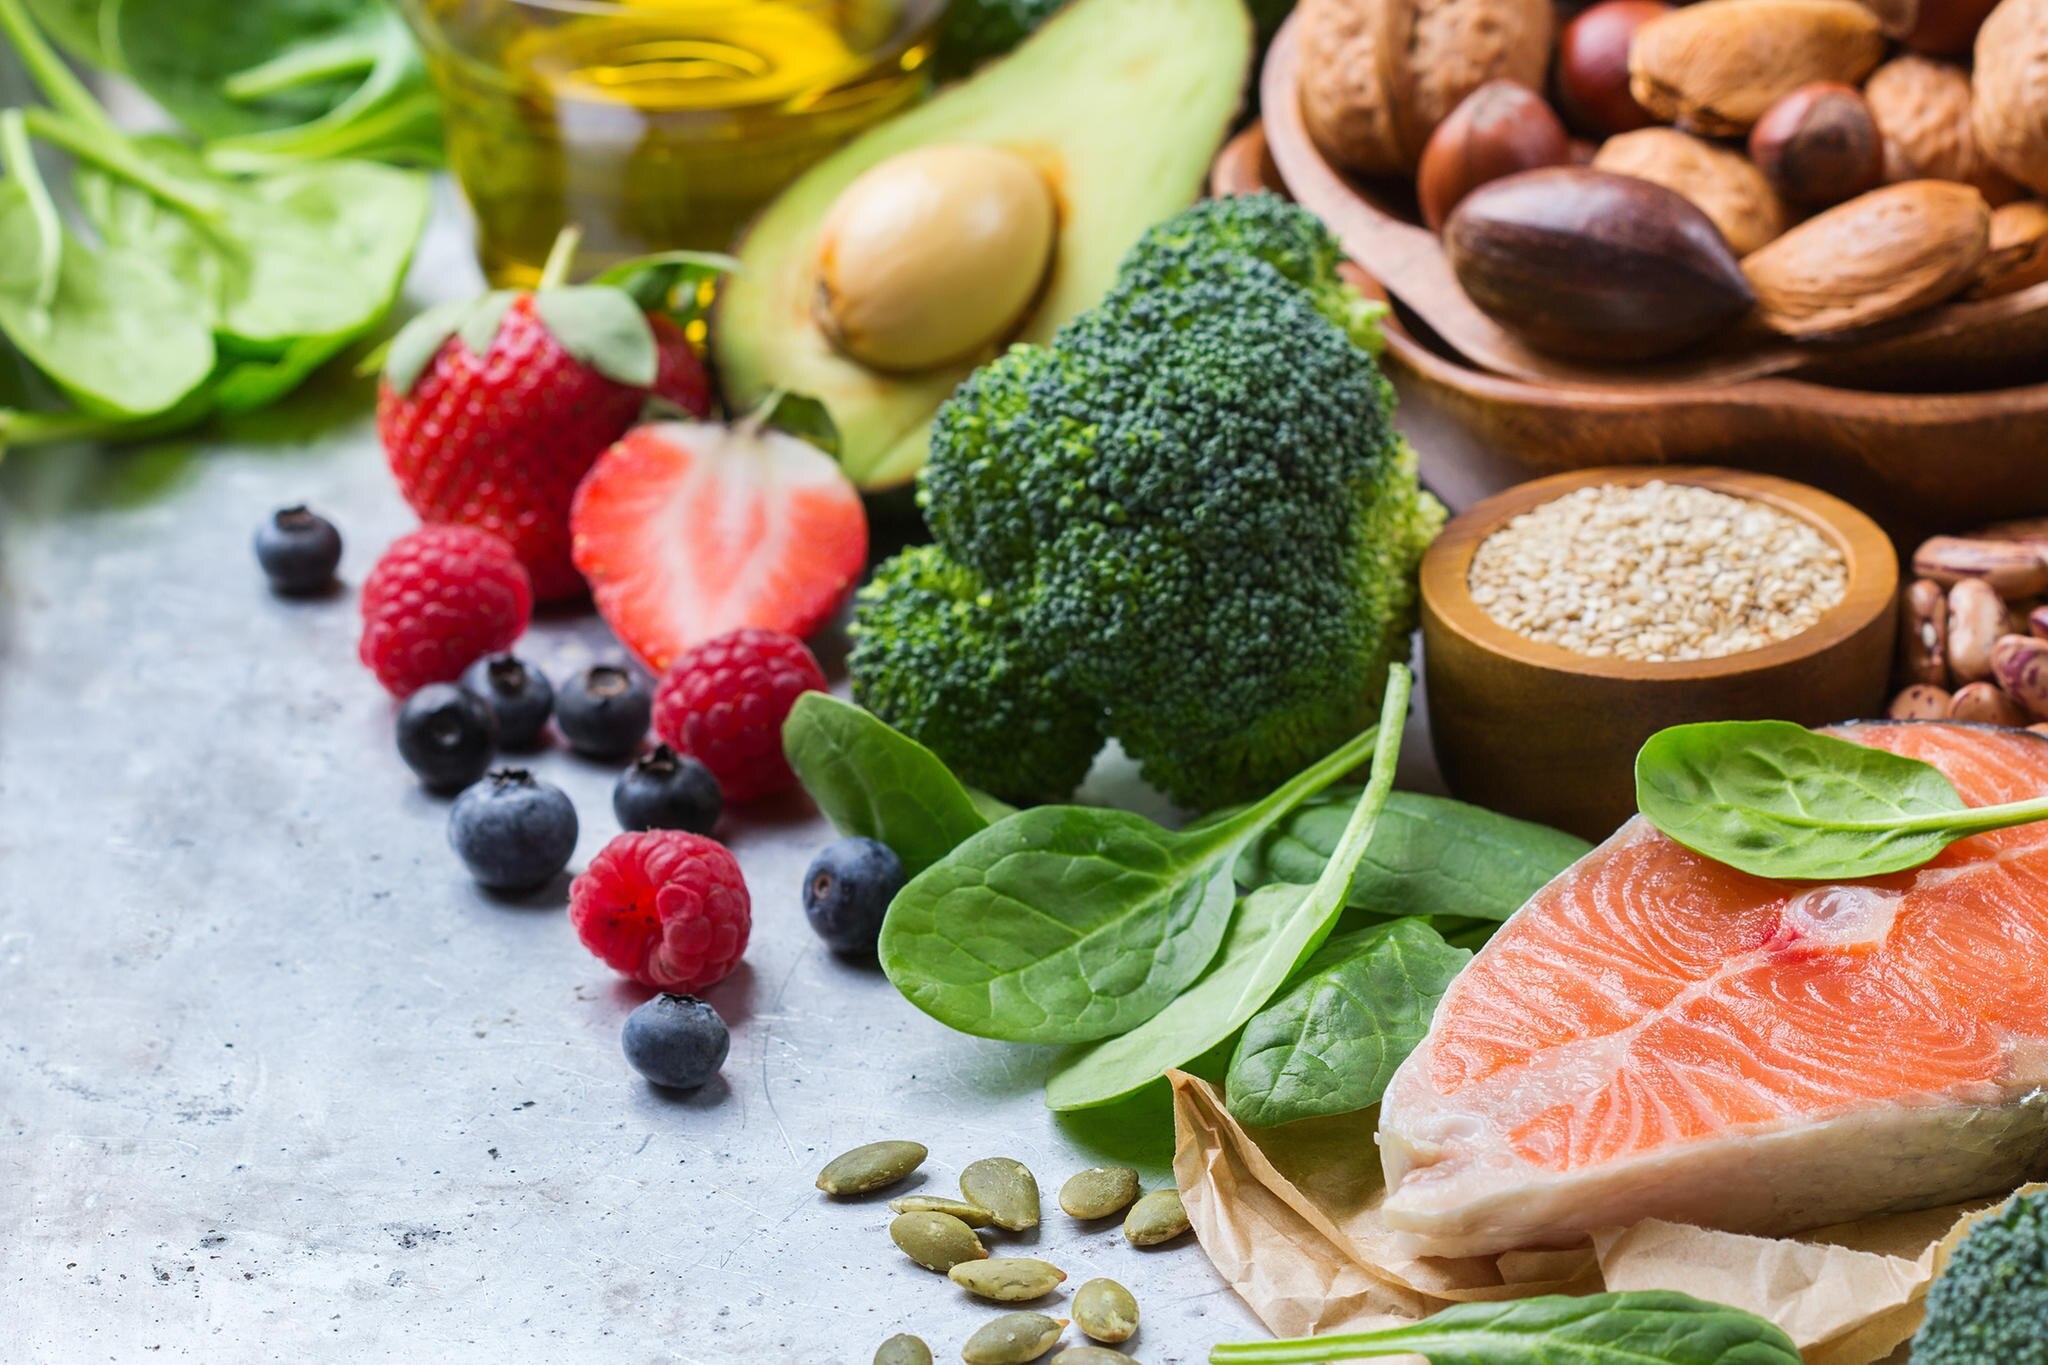 Viele Menschen vermischen im Alltag die Begriffe Lebensmittelallergie und Nahrungsunverträglichkeit - dabei handelt es sich um zwei unterschiedliche Erkrankungen. GALA klärt auf